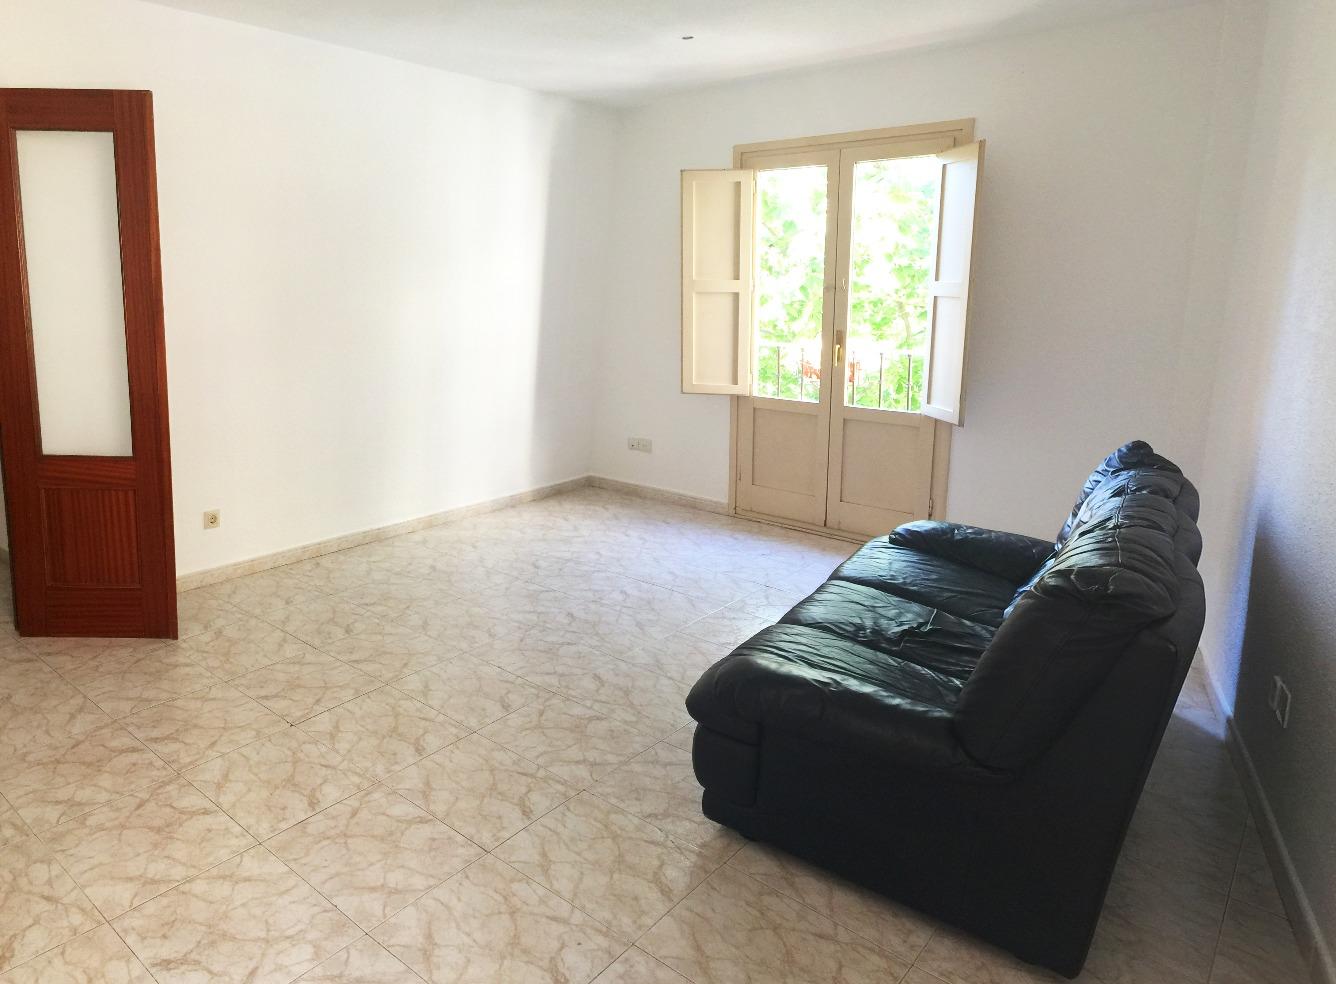 Pisos en alquiler escorial el de segunda mano - Alquiler de pisos en san lorenzo de el escorial ...